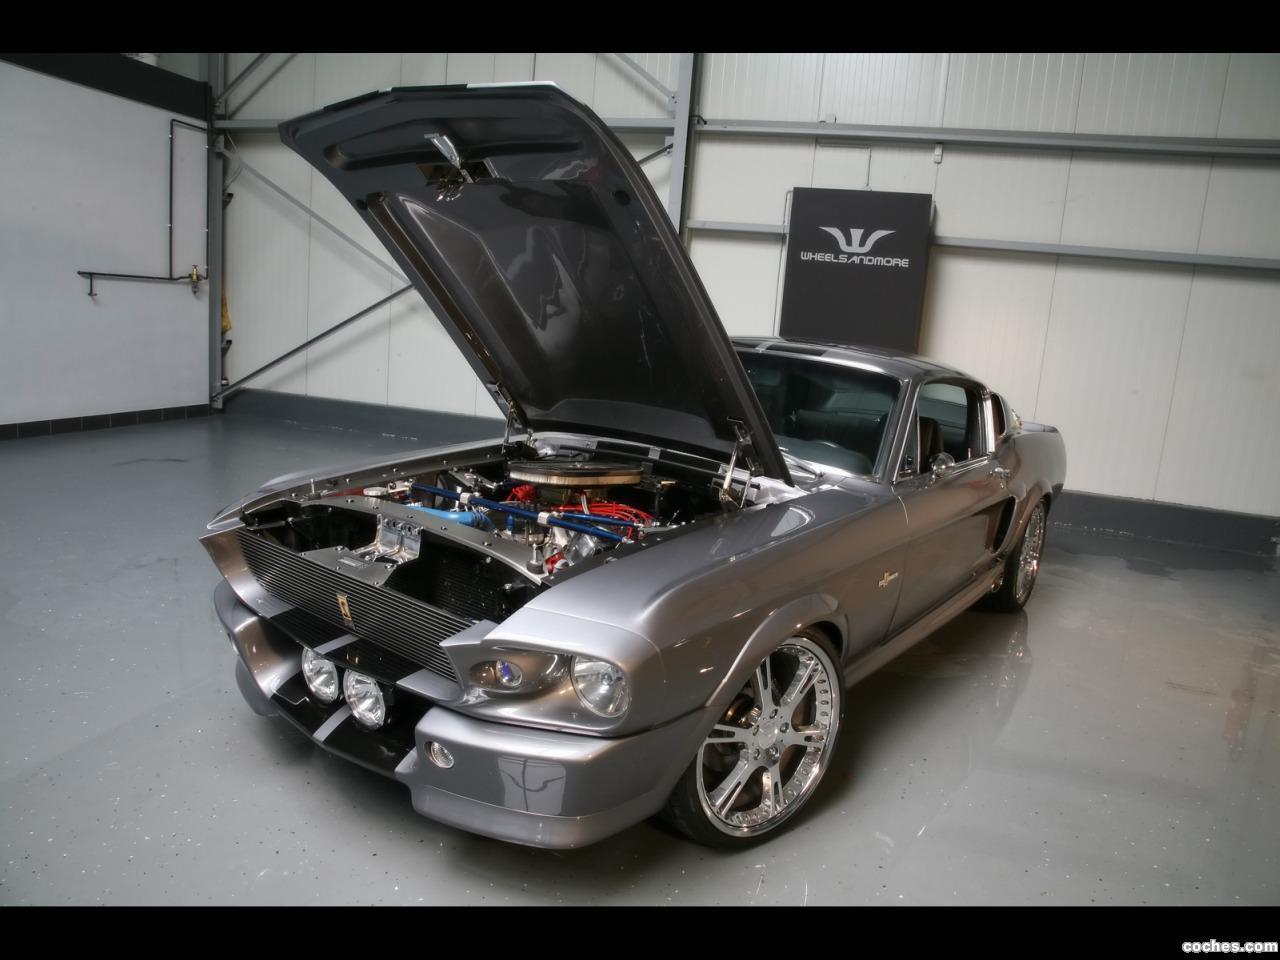 Foto 4 de Wheelsandmore Shelby Mustang GT500 Eleanor 2009